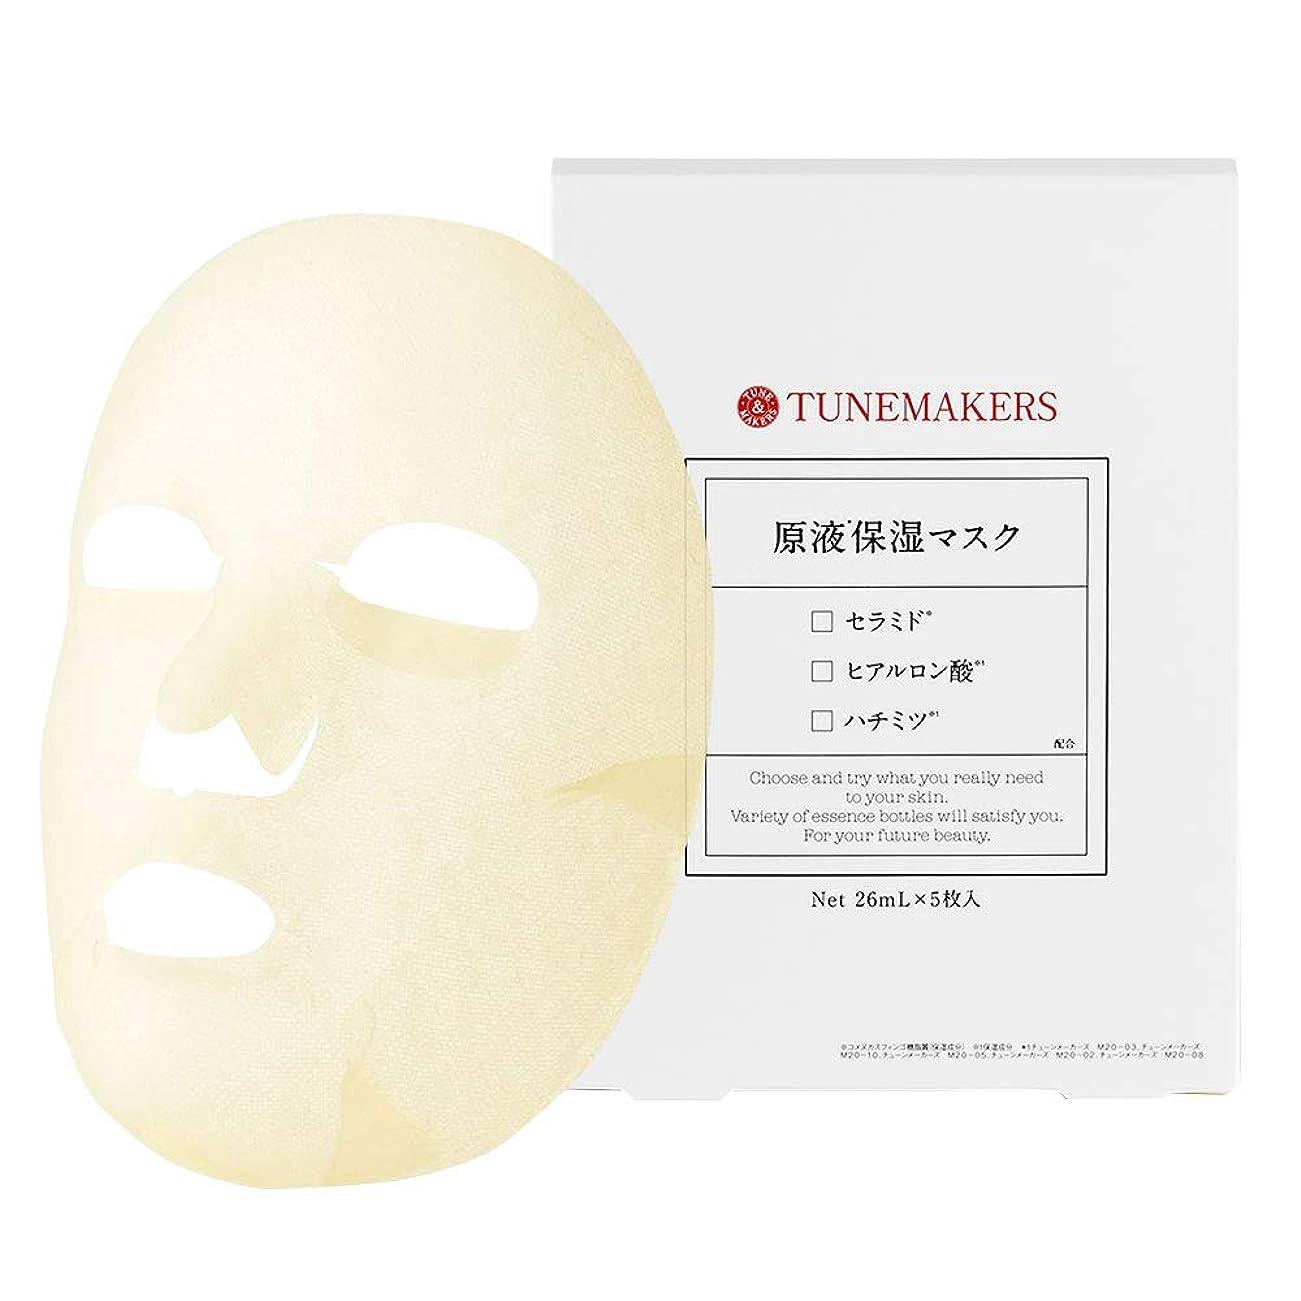 少ない居間自分のチューンメーカーズ 原液保湿マスク 5枚セット パック シートマスク フェイスマスク [セラミド?ヒアルロン酸配合]